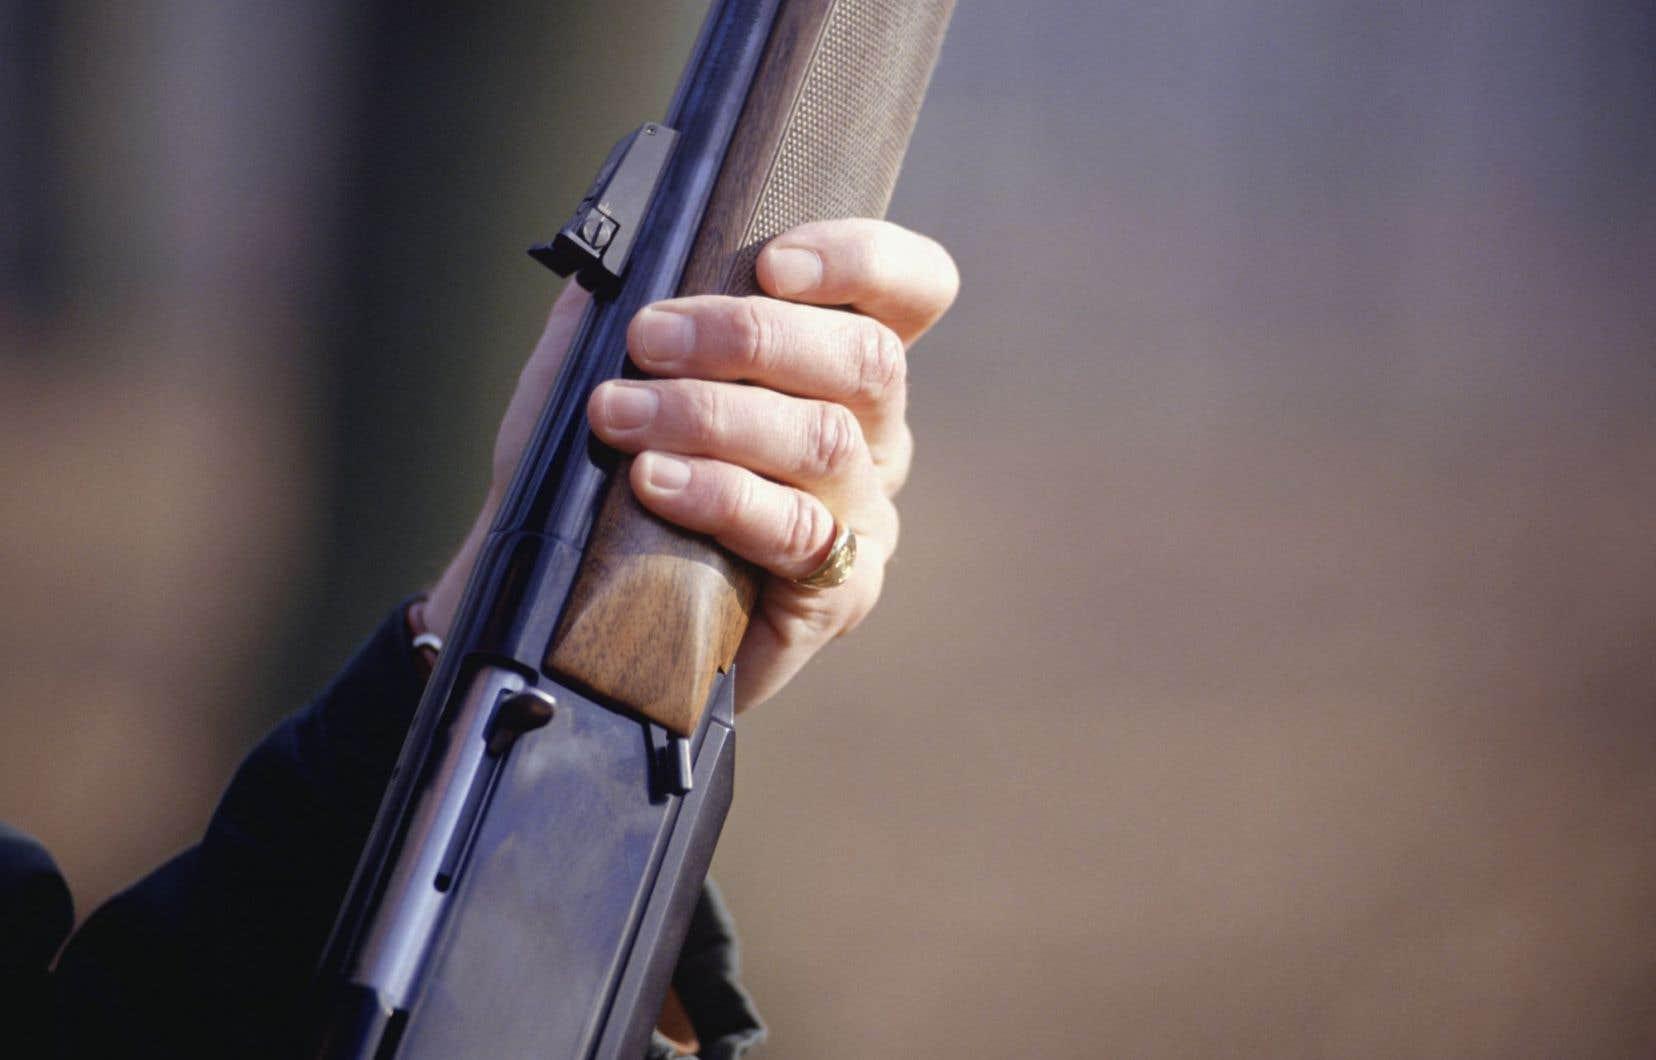 La Maison-Blanche a une nouvelle fois appelé le Congrès à durcir la législation sur les armes à feu.